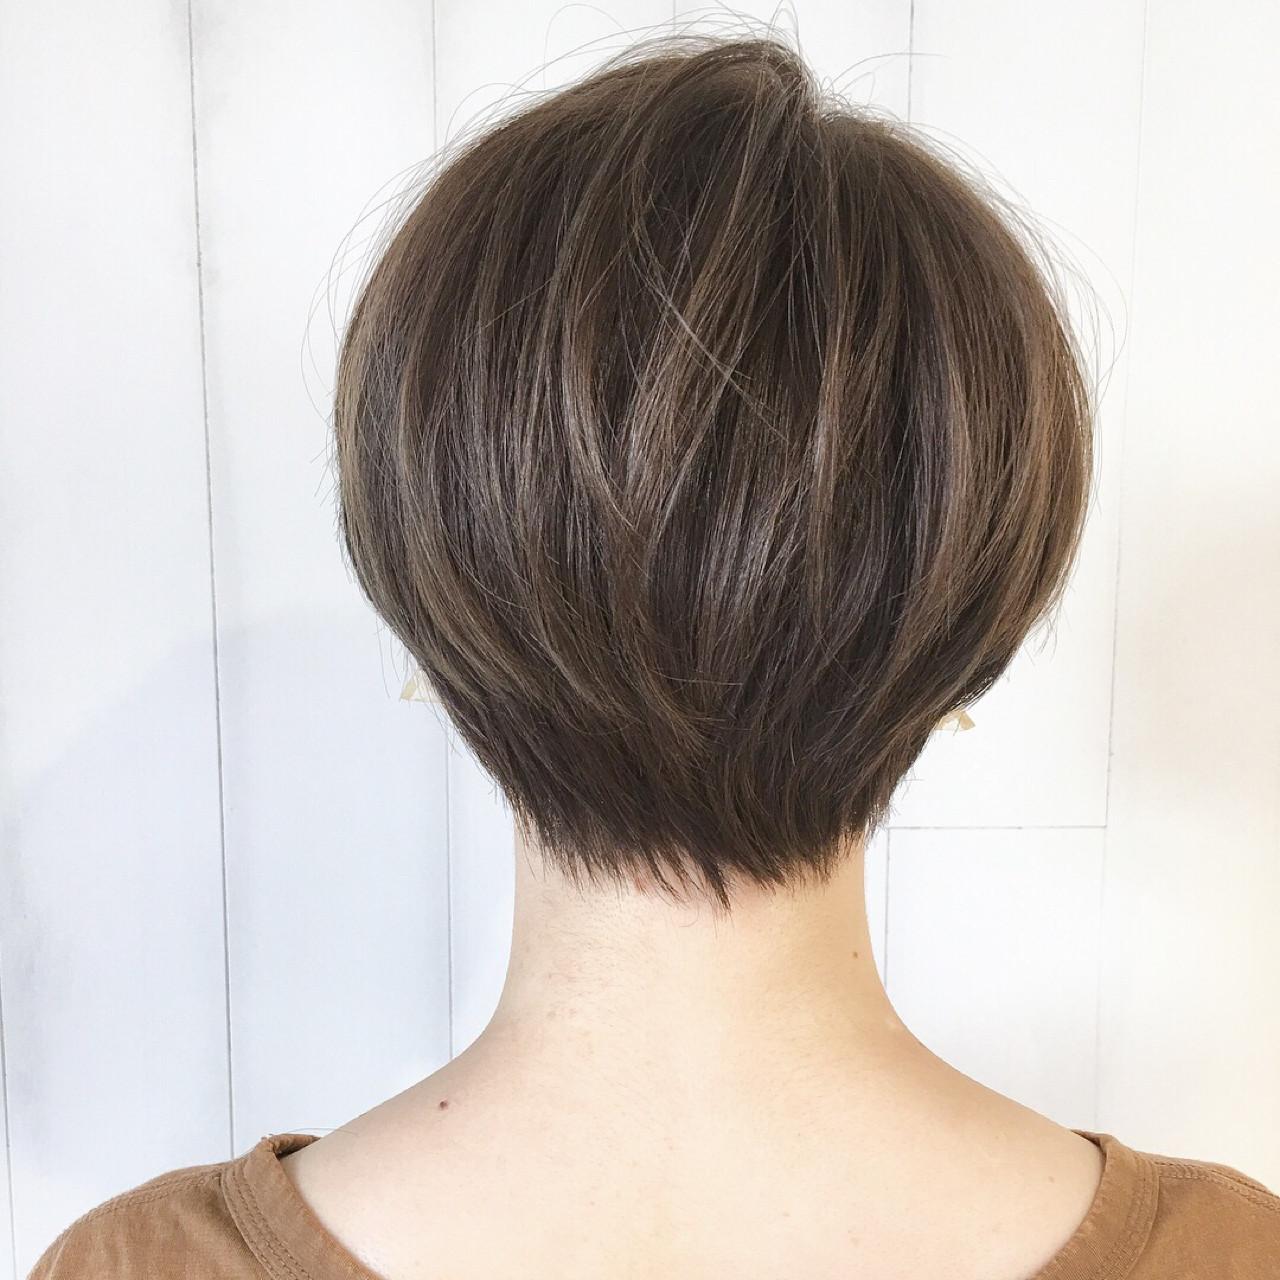 ウェーブ 色気 抜け感 大人かわいい ヘアスタイルや髪型の写真・画像